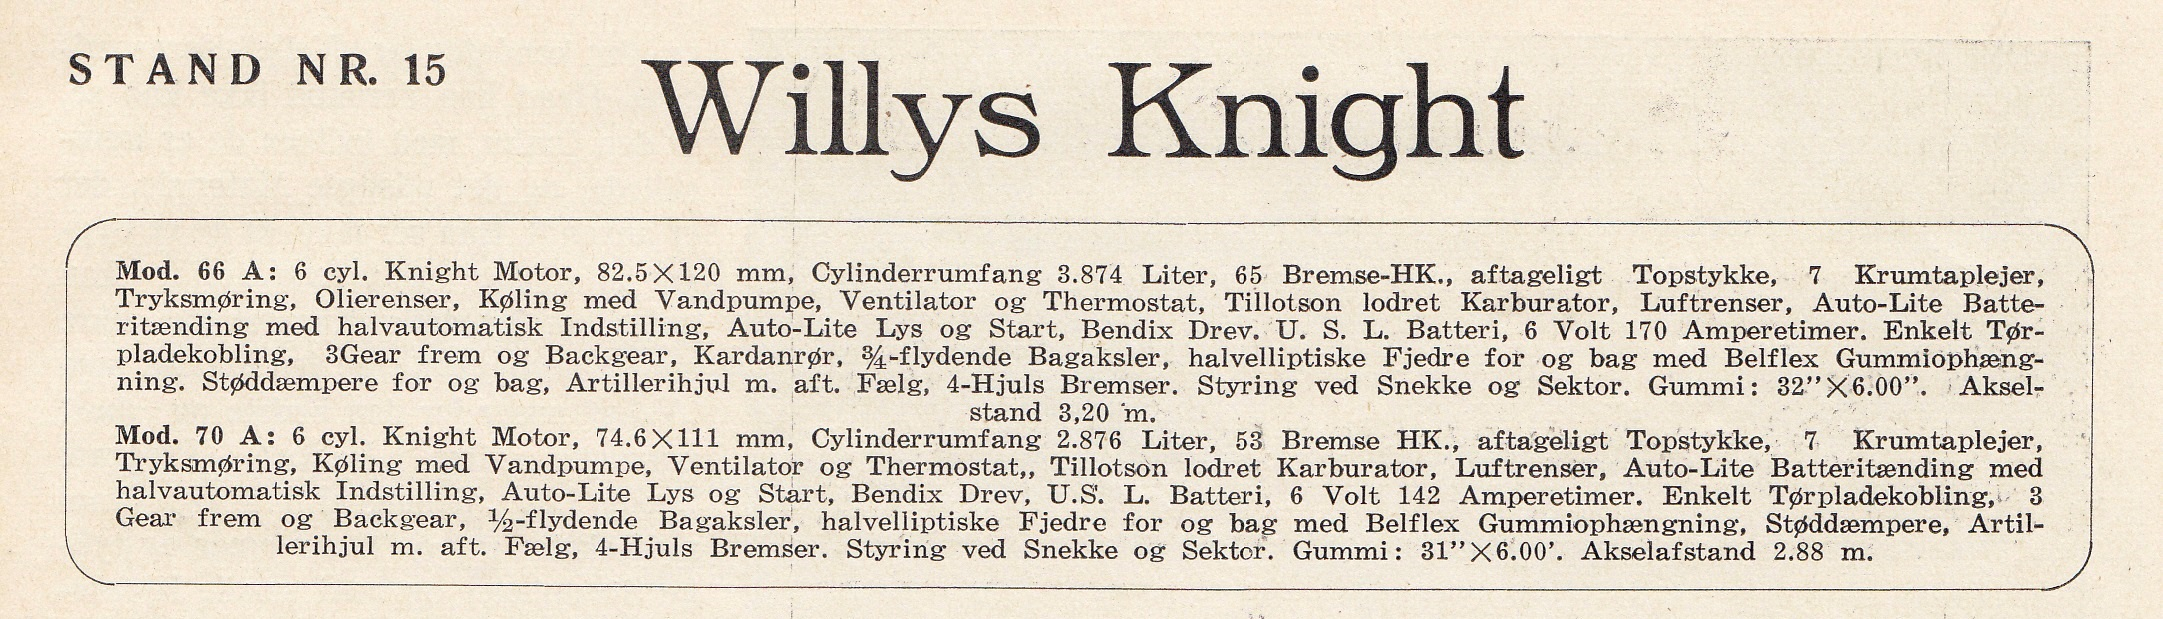 knight udstilling i FORUM i 1928 - Kopi (4)